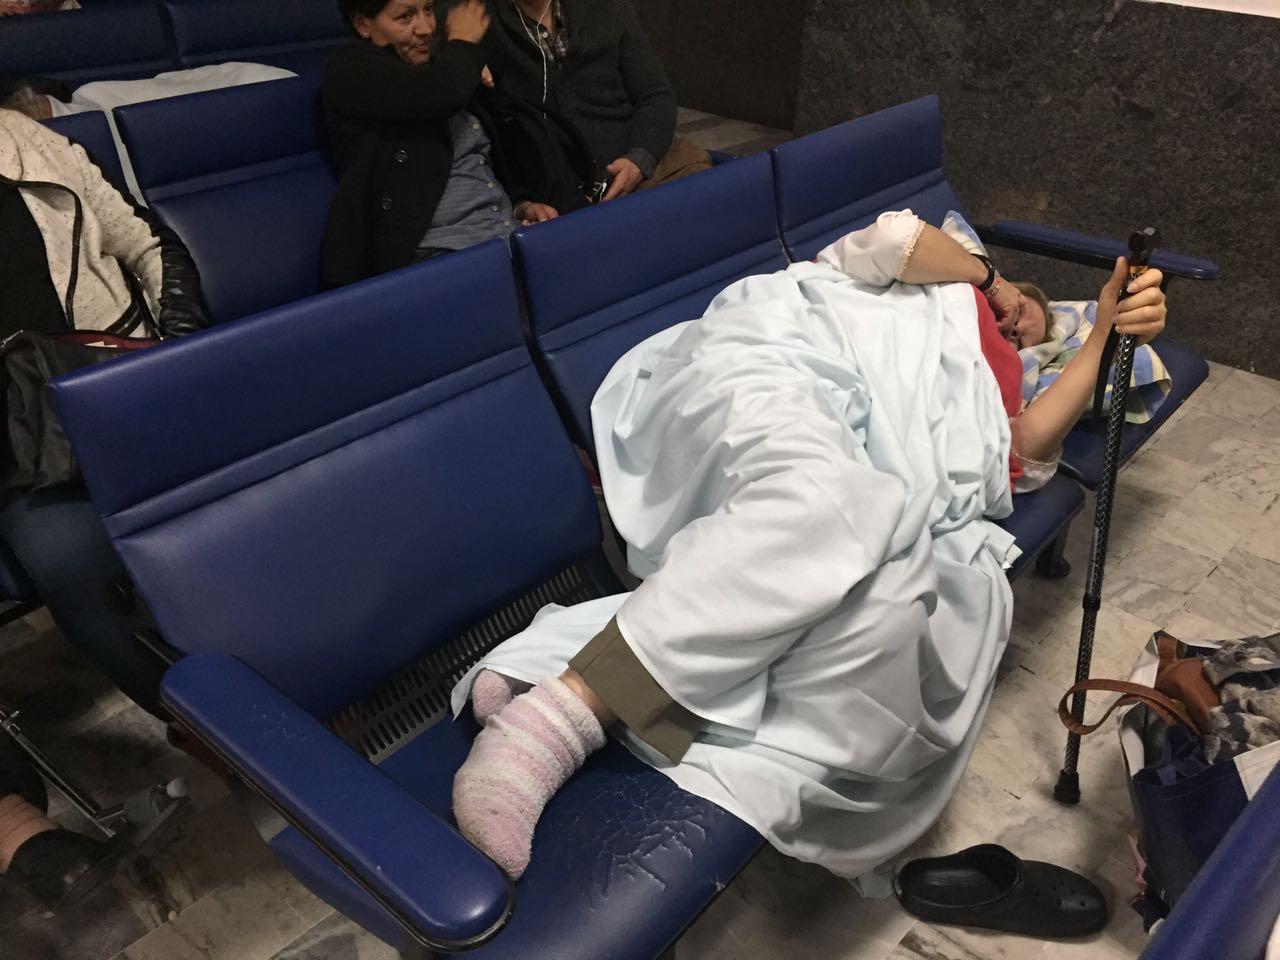 La señora de 59 años duró 48 horas en las sillas de la sala de espera por falta de camilla en la Clínica.